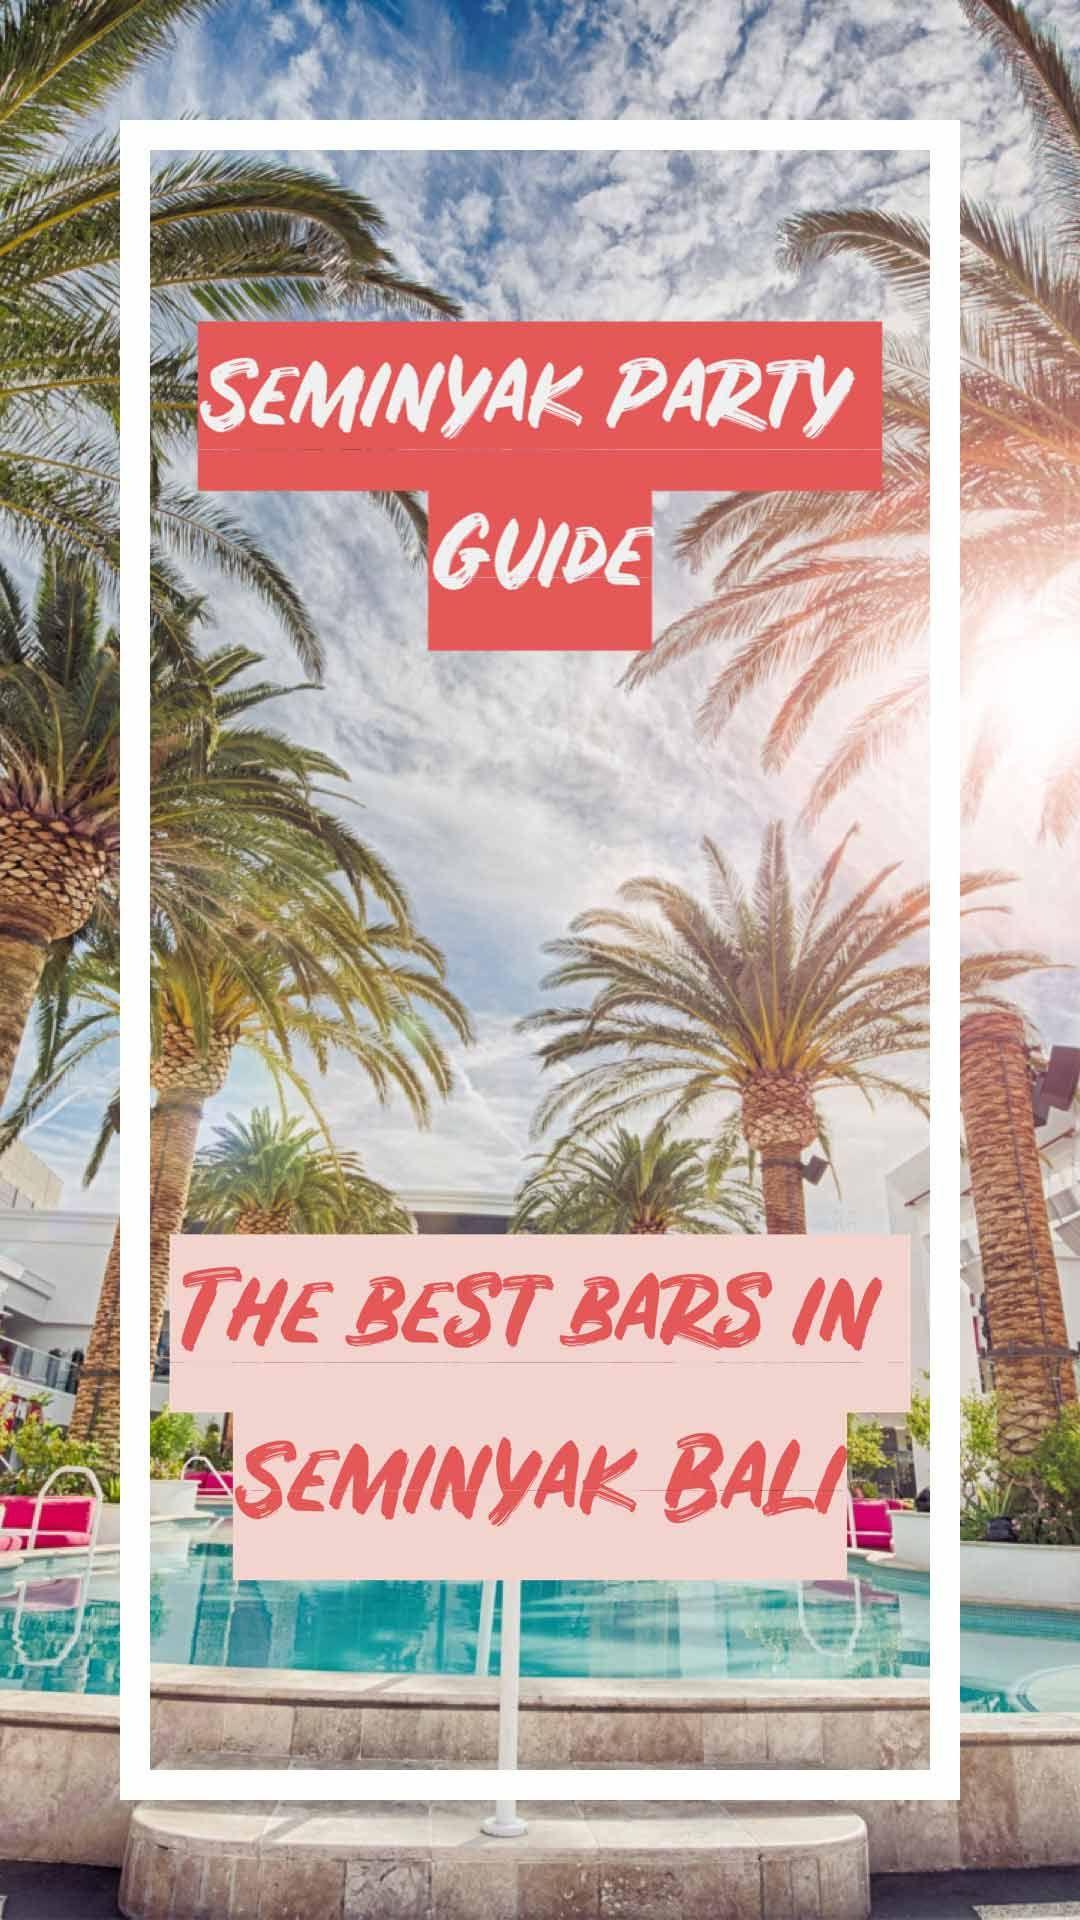 9 Best Bars In Seminyak 2019 {The Ultimate Seminyak ...